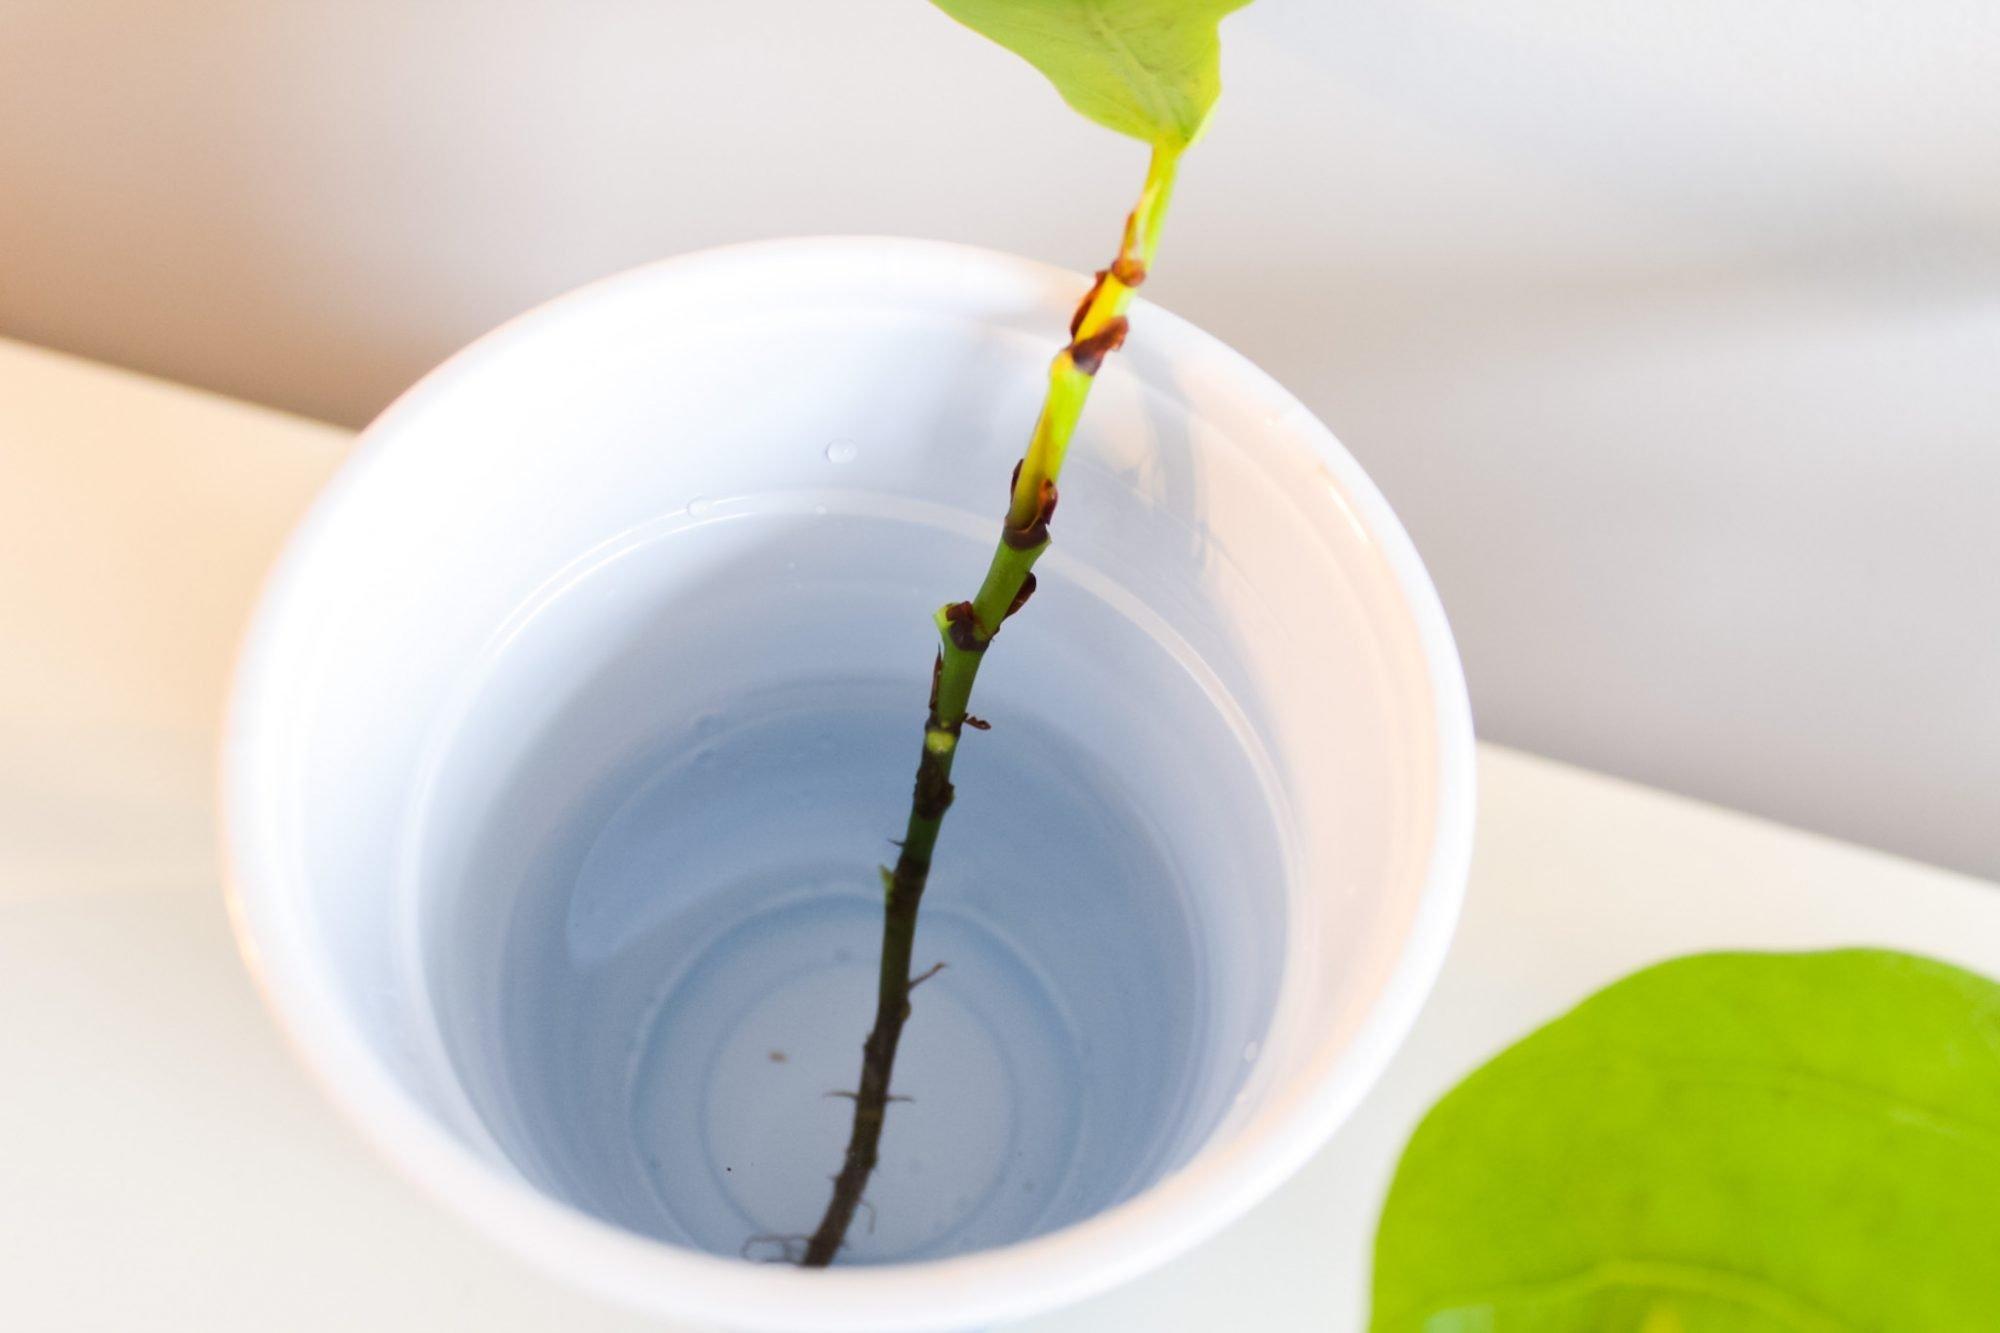 fiddle leaf propagation